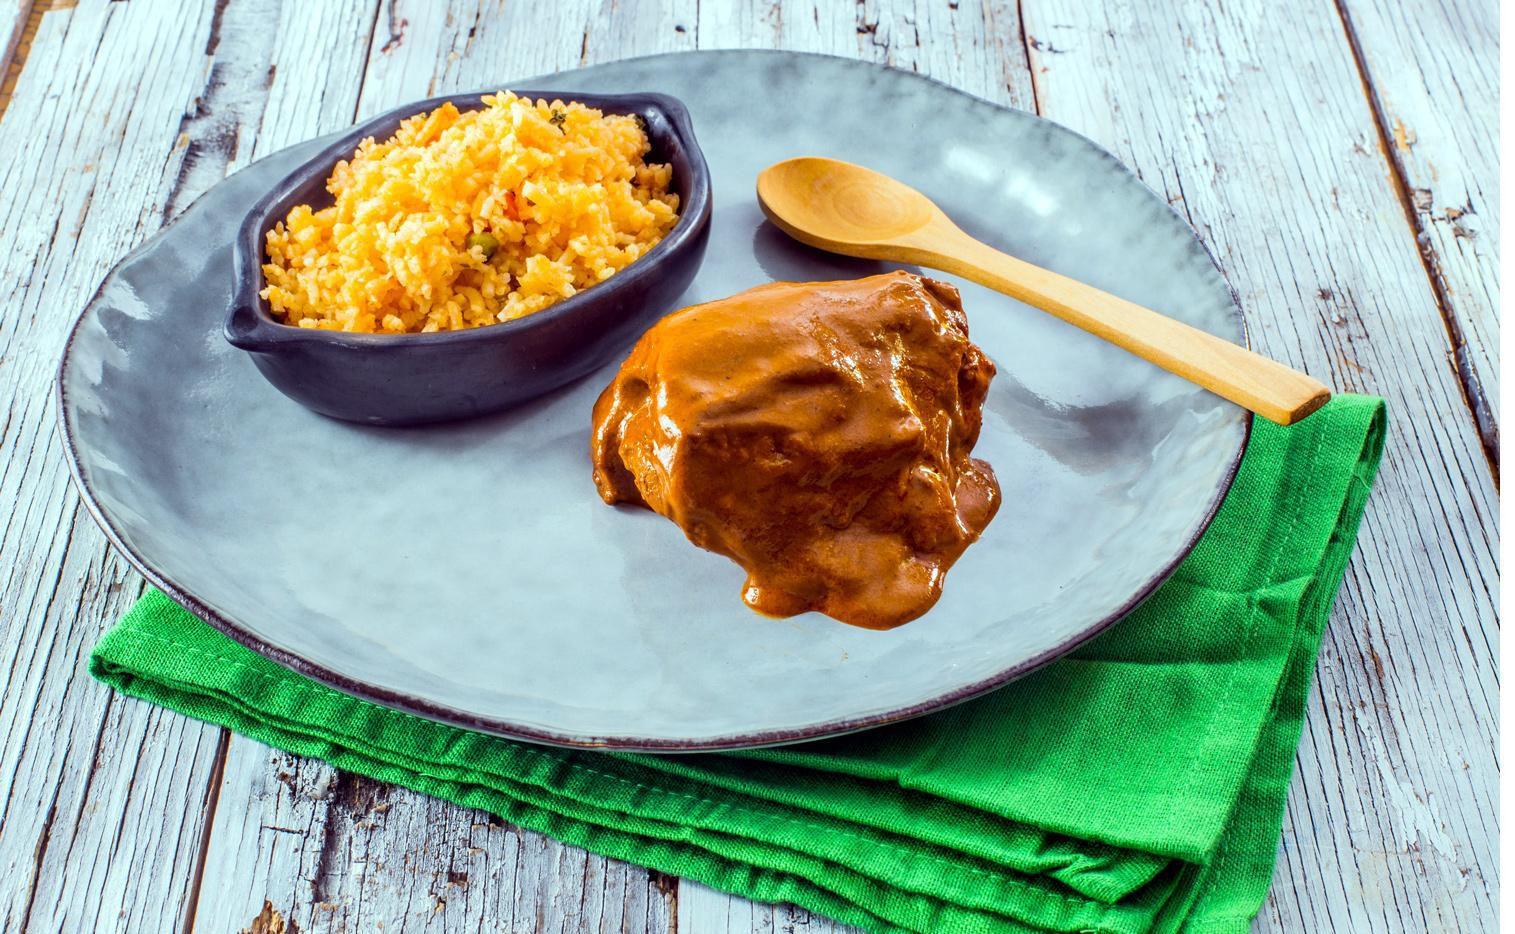 Presentación del platillo de muslos de pollo en salsa de nuez.(AGENCIA REFORMA)